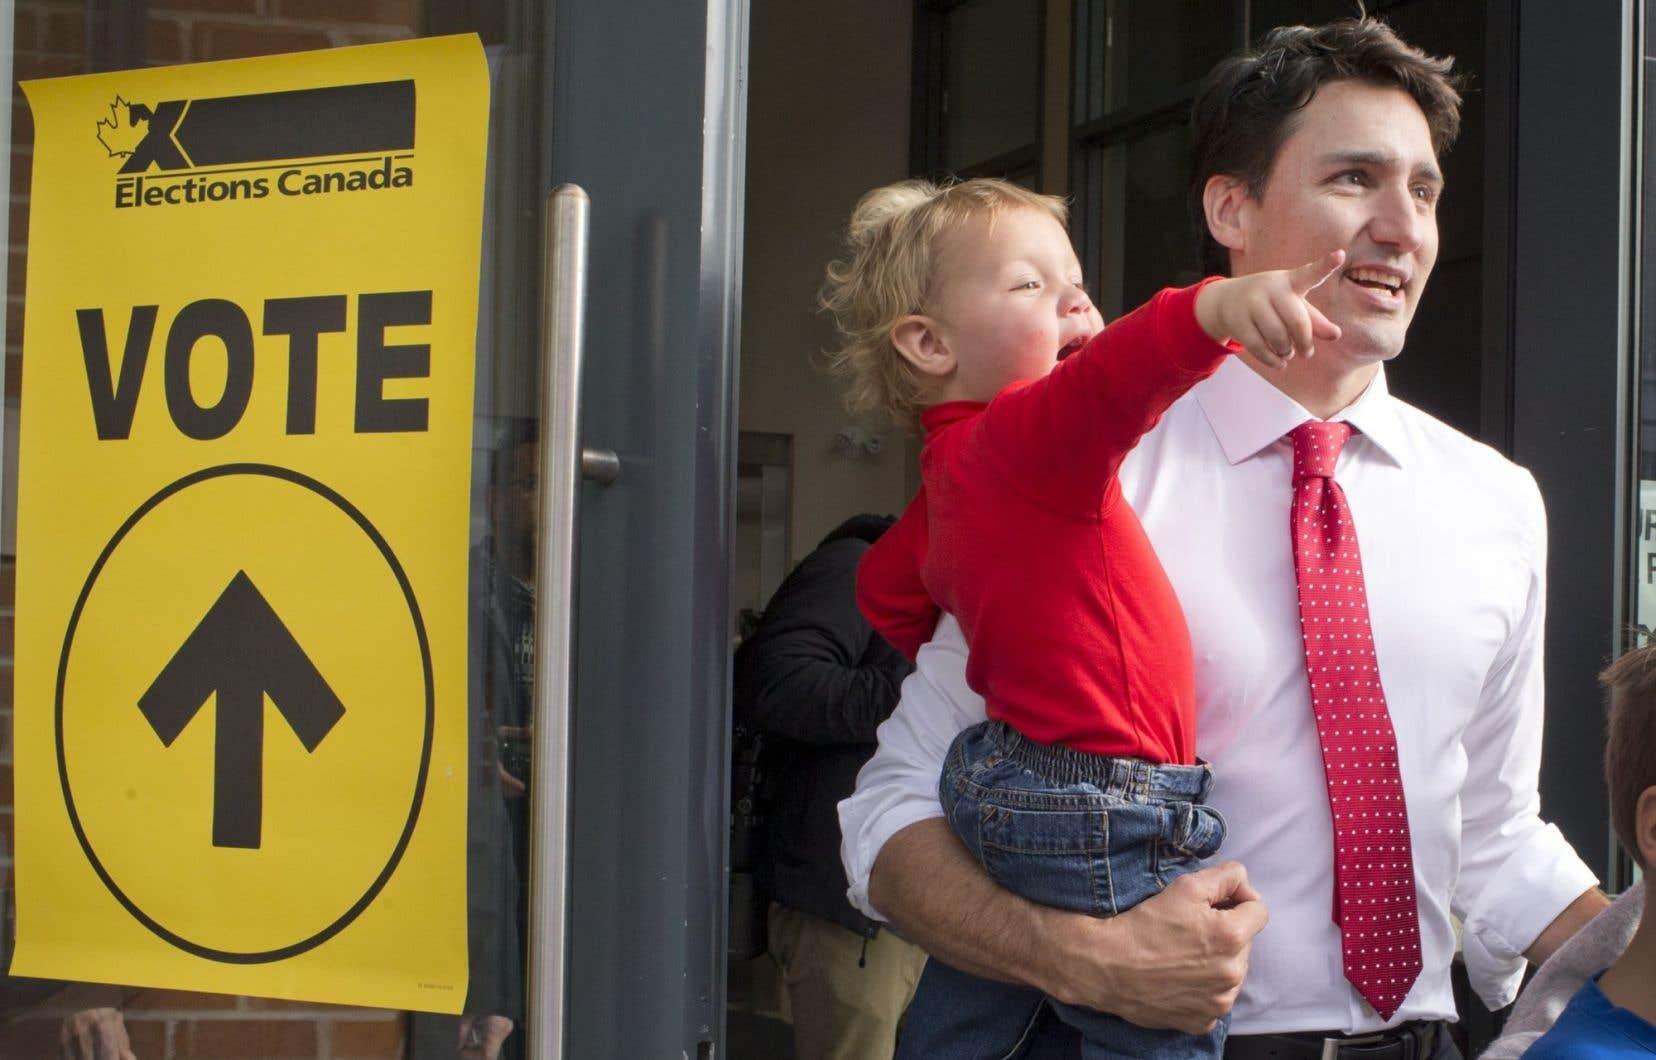 L'apparition de Justin Trudeau dans le paysage politique canadien pourrait expliquer l'intérêt accru des jeunes pour le processus électoral.